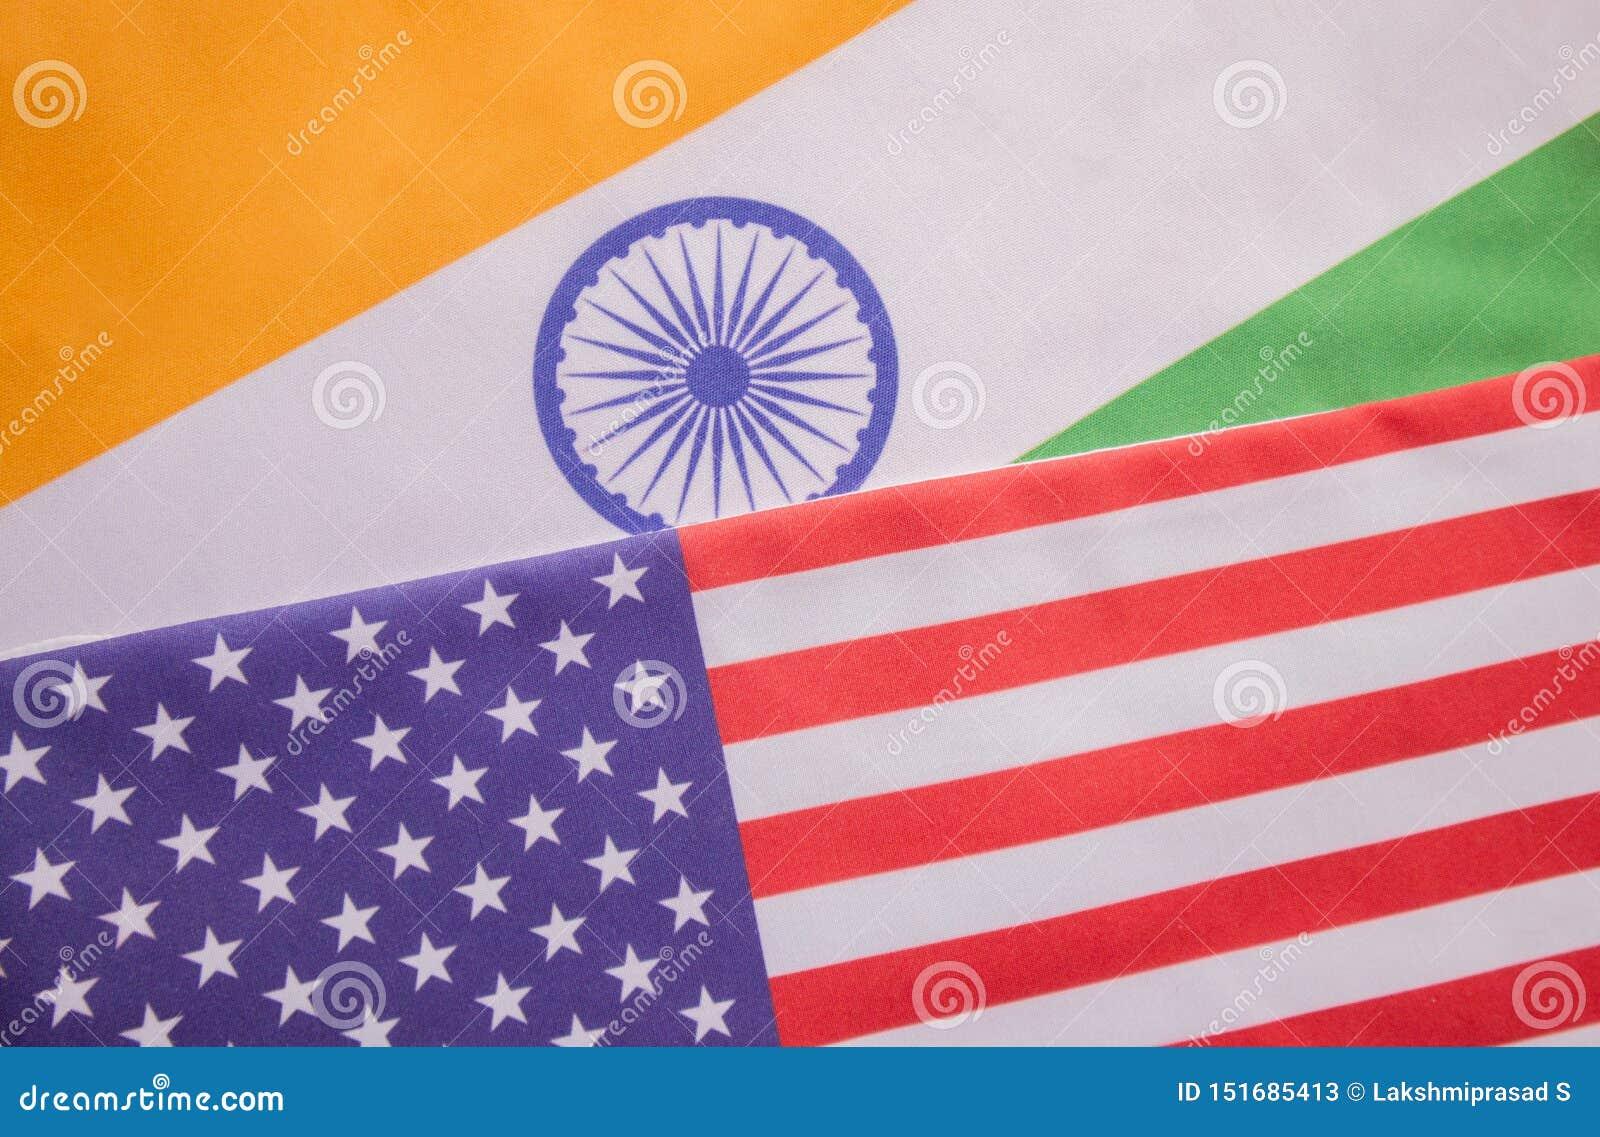 Pojęcie Bilateralny związek między dwa krajami pokazuje z dwa flagami: Stany Zjednoczone Ameryka i India